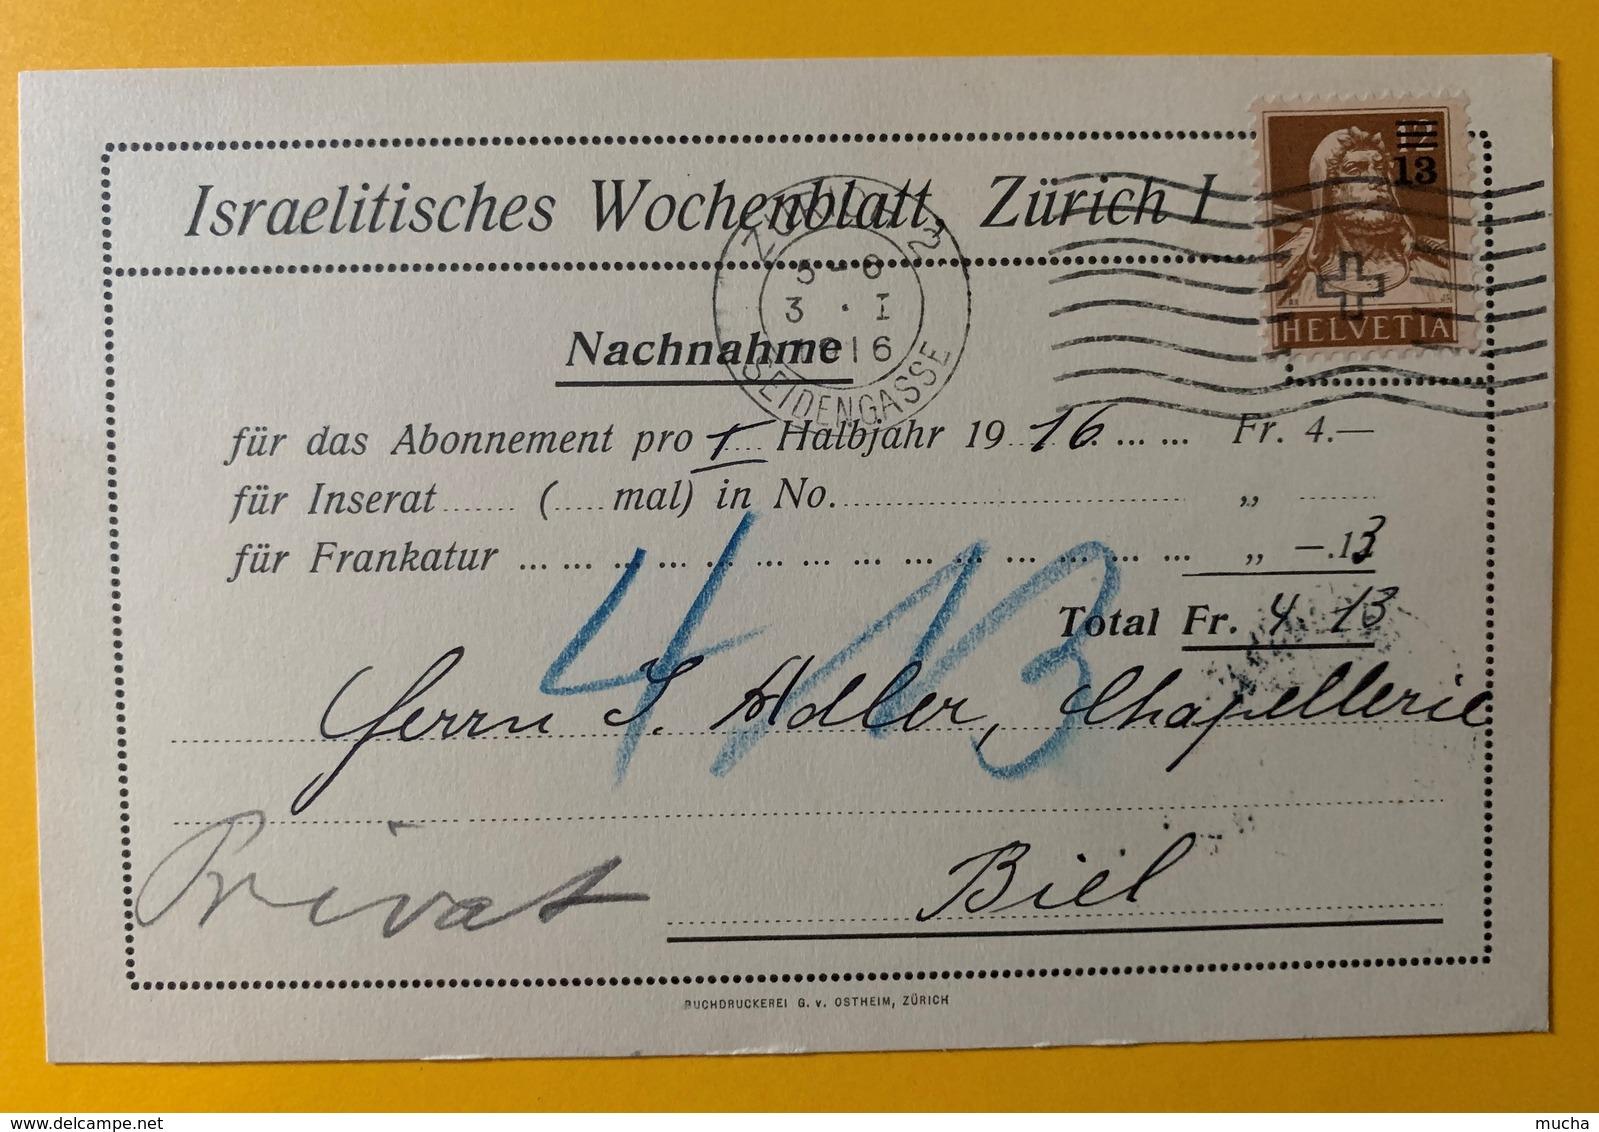 8604 - Israelitisches Wochenblatt Zurich 1 Nachnahme 3.01.1916  Timbre Buste De Tell No 134 Surchagé - ZH Zurich